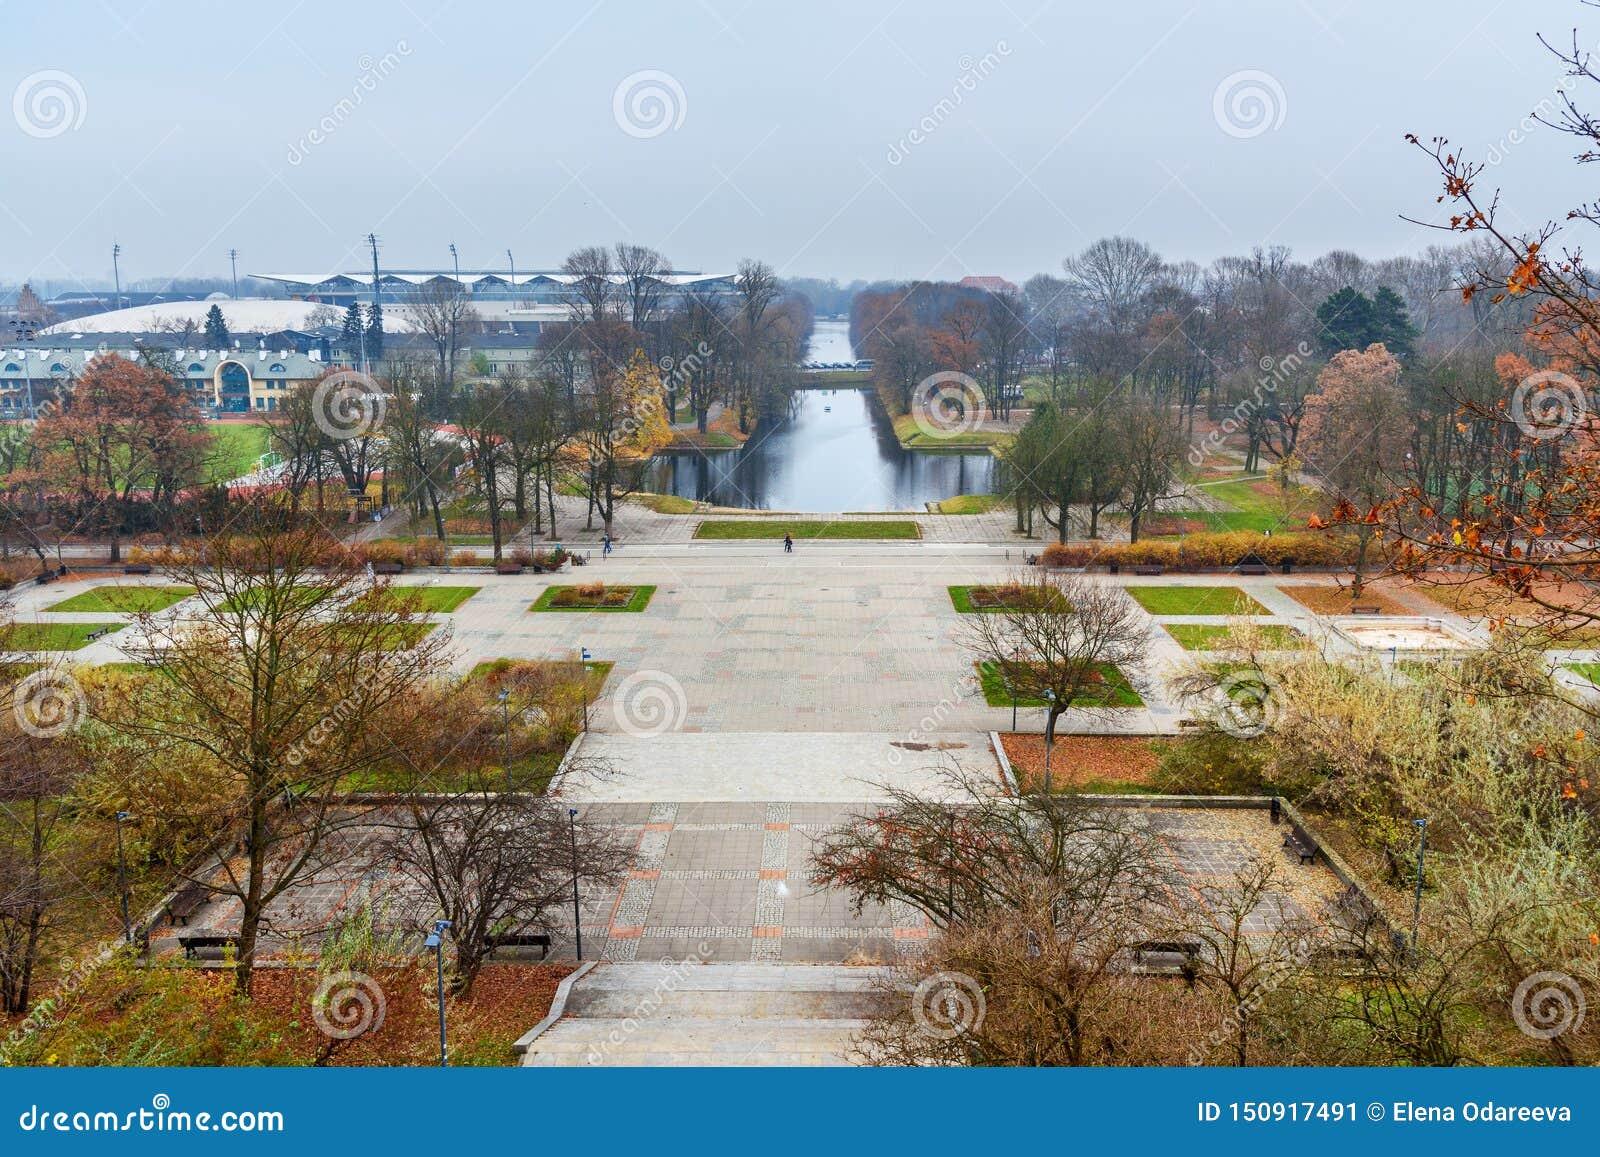 View Of Lazienki Park Or Royal Baths Park With Piaseczyski